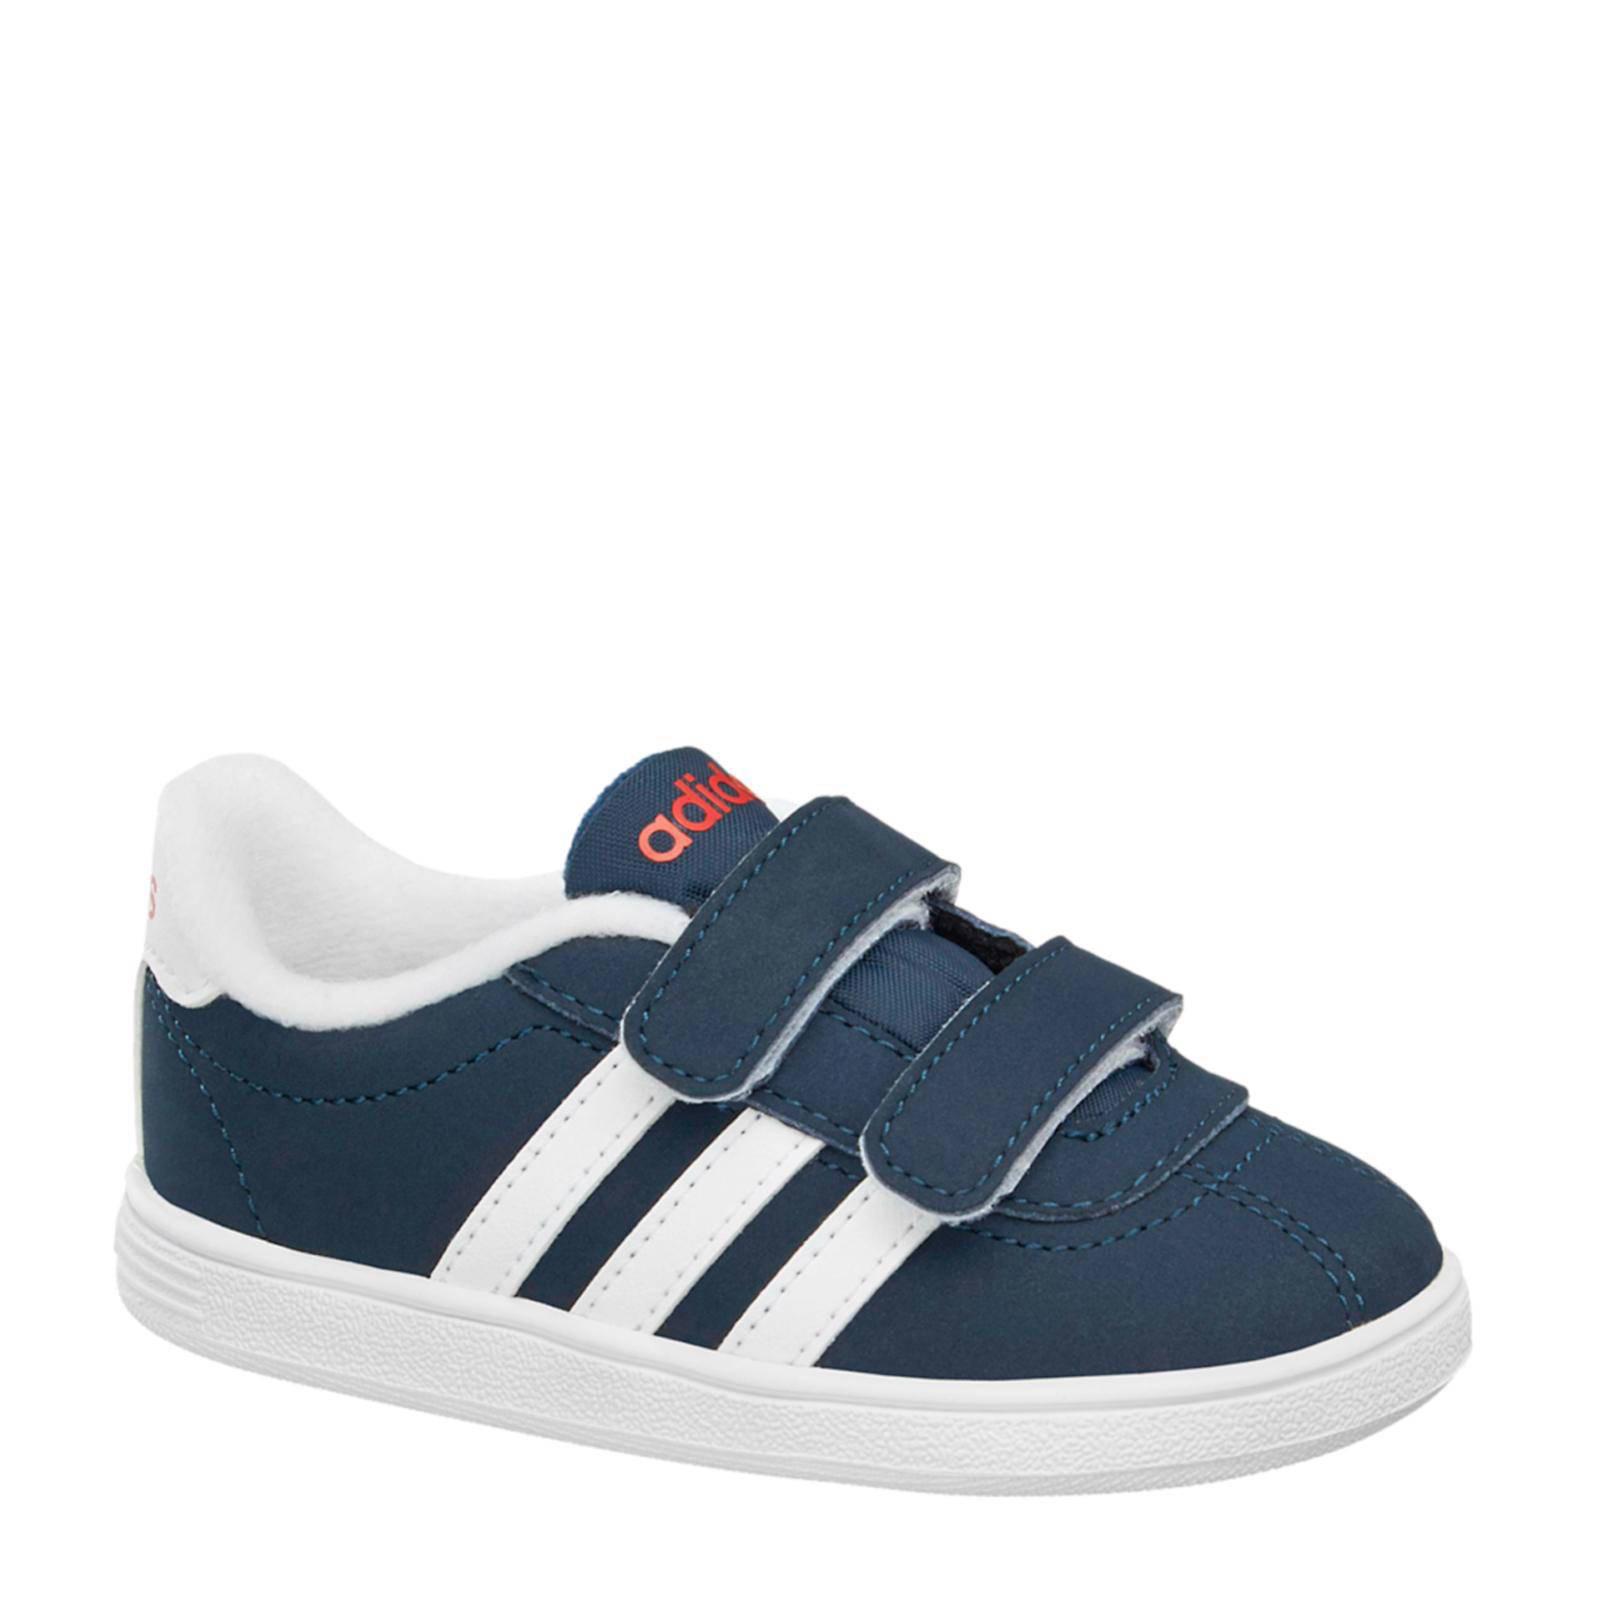 adidas neo vl court heren sneakers